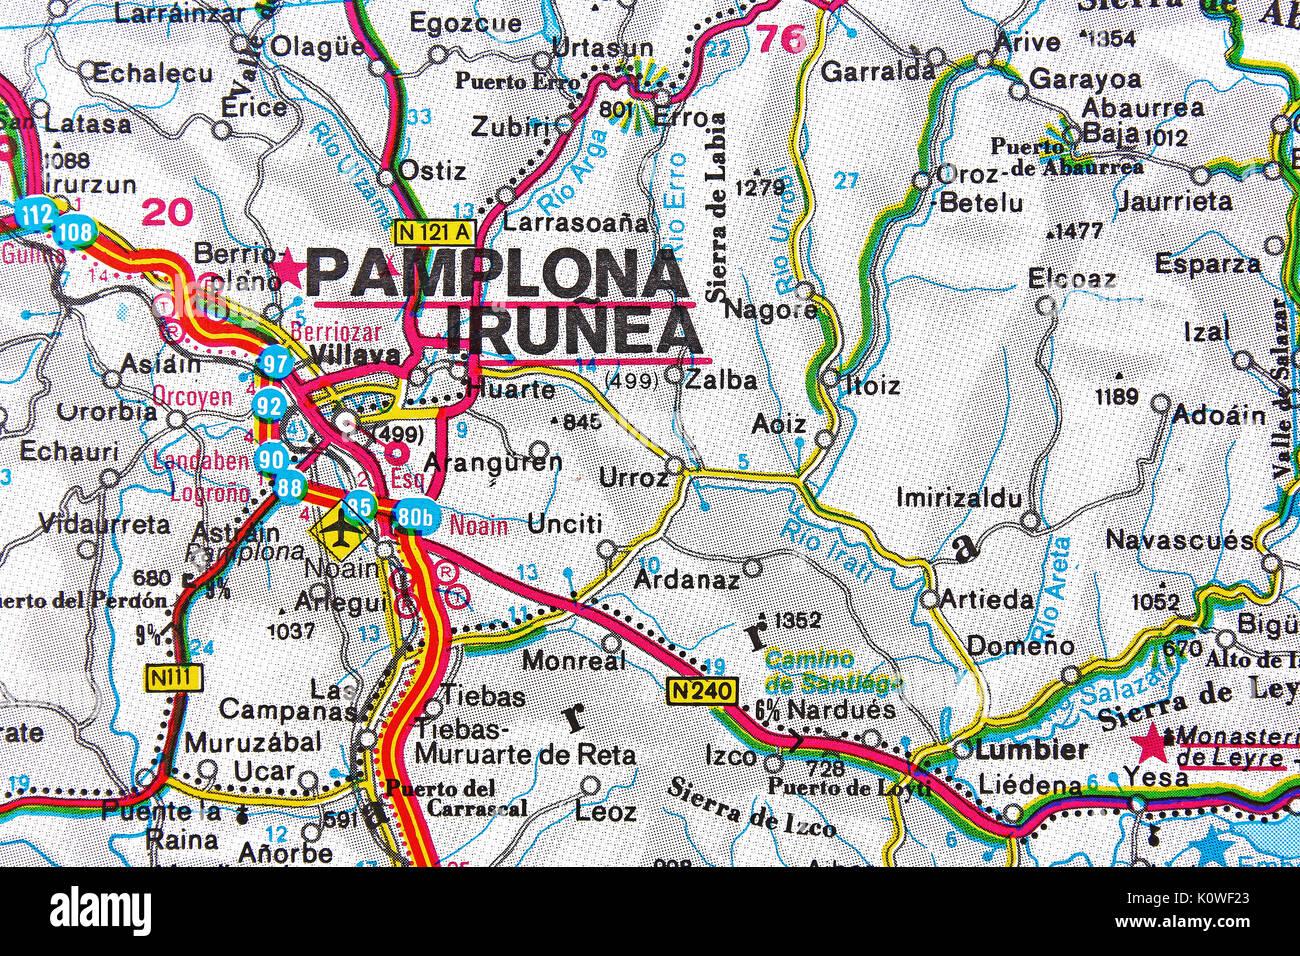 Pamplona Irunea map city map road map. Stock Photo